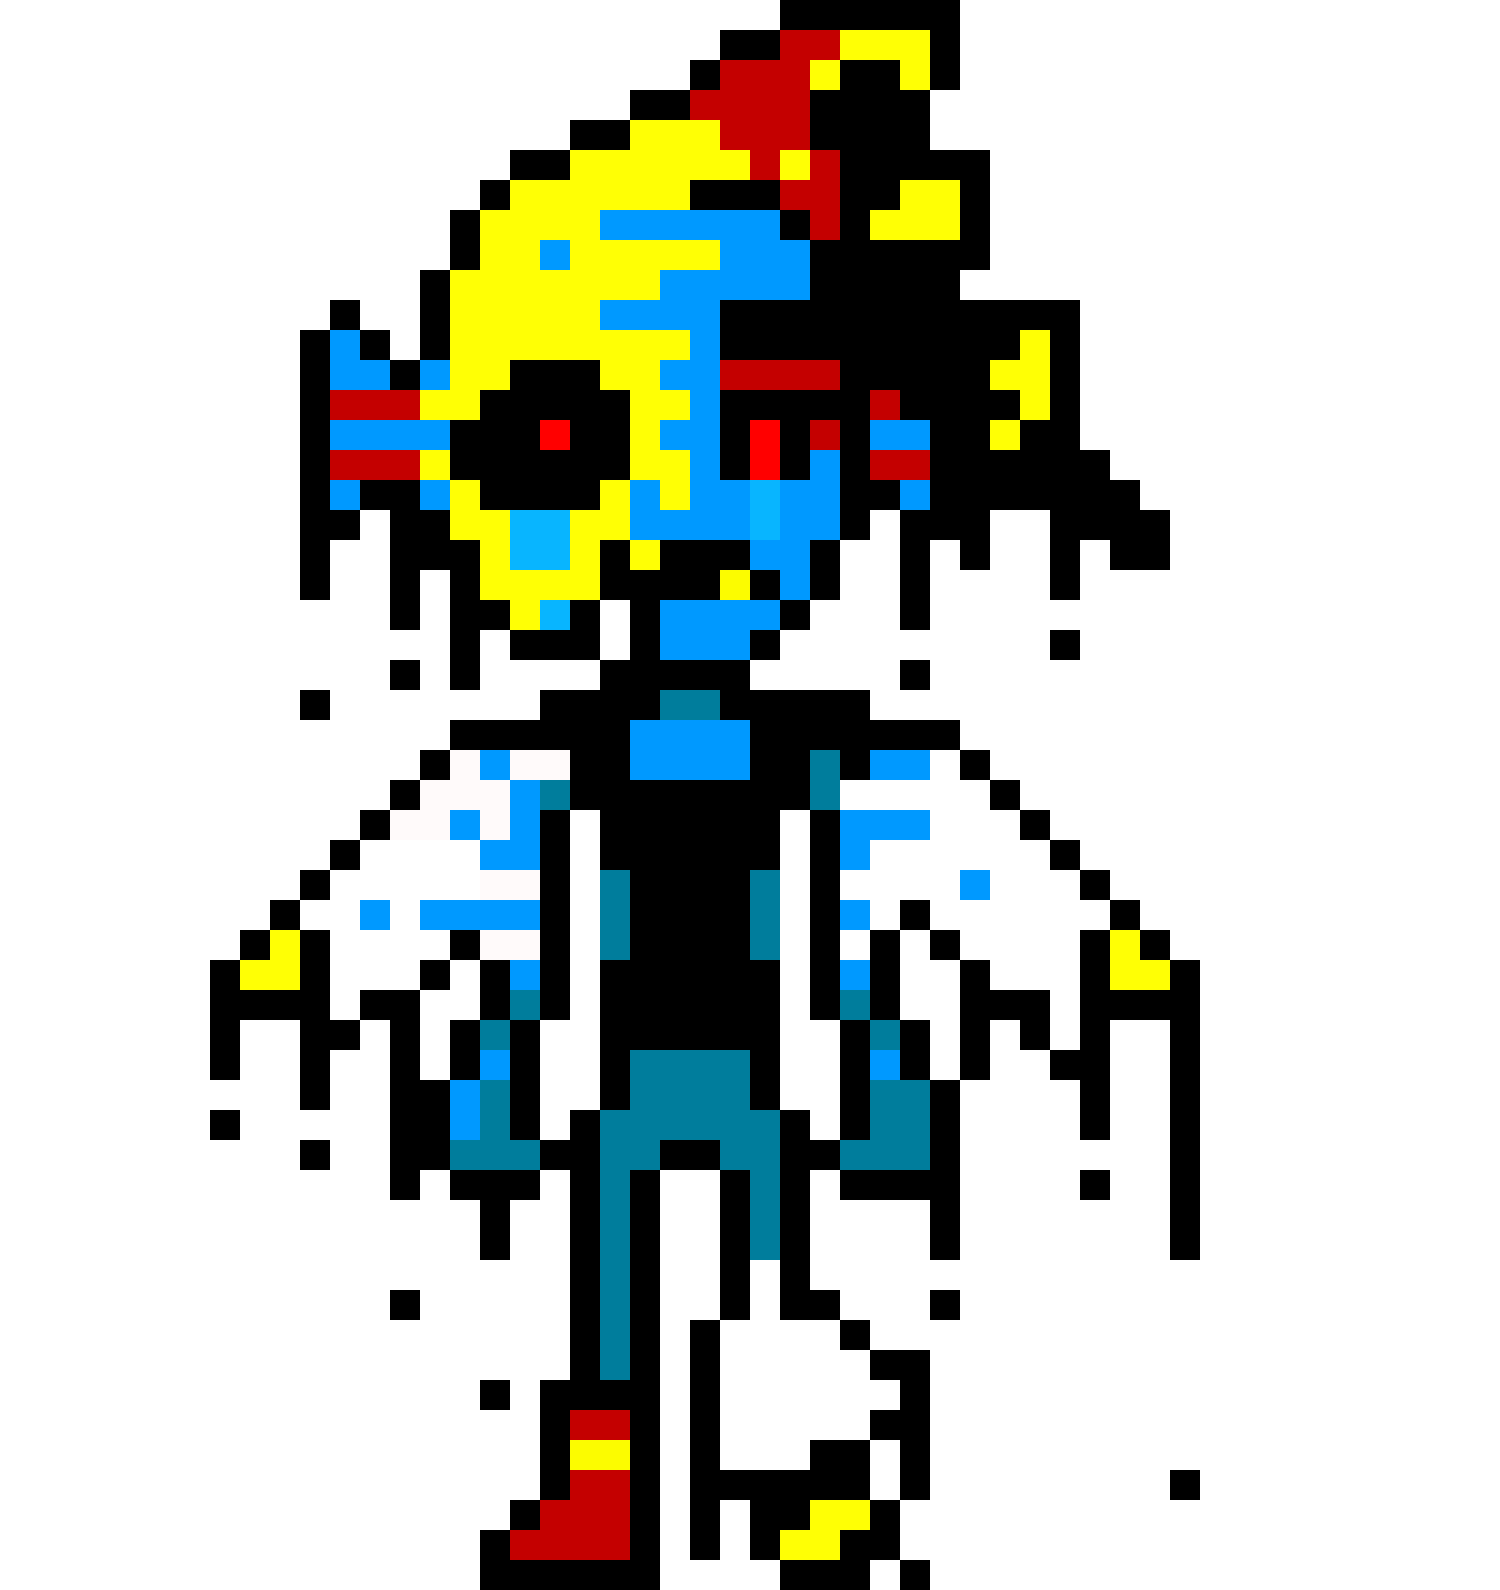 undertale sprite pixel art maker